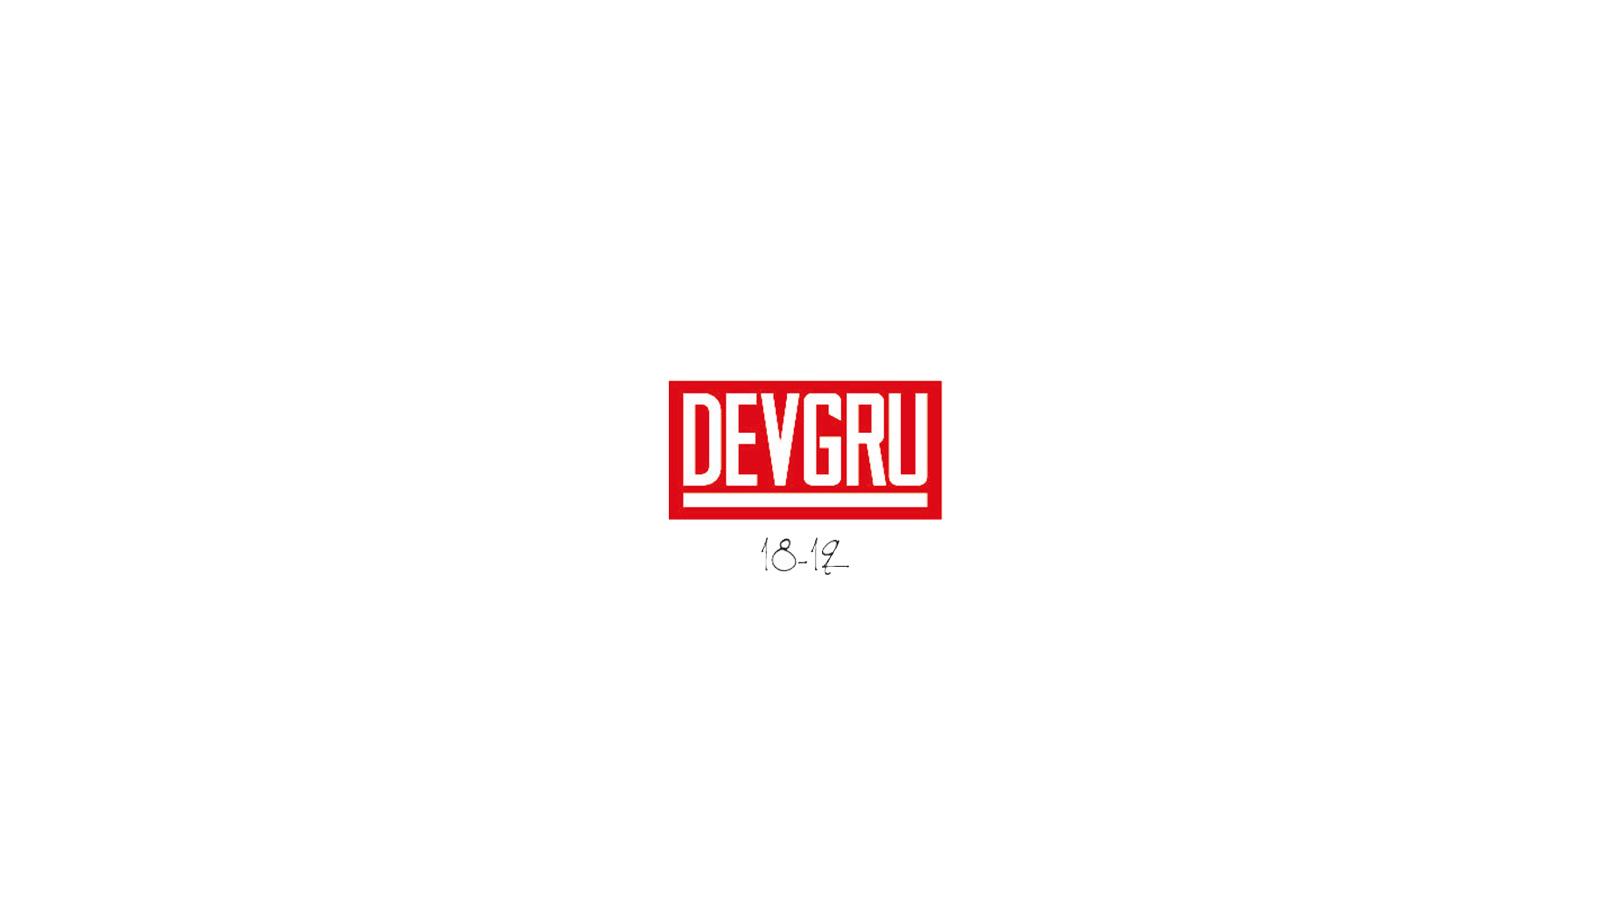 デブグルー devgru catalog カタログ